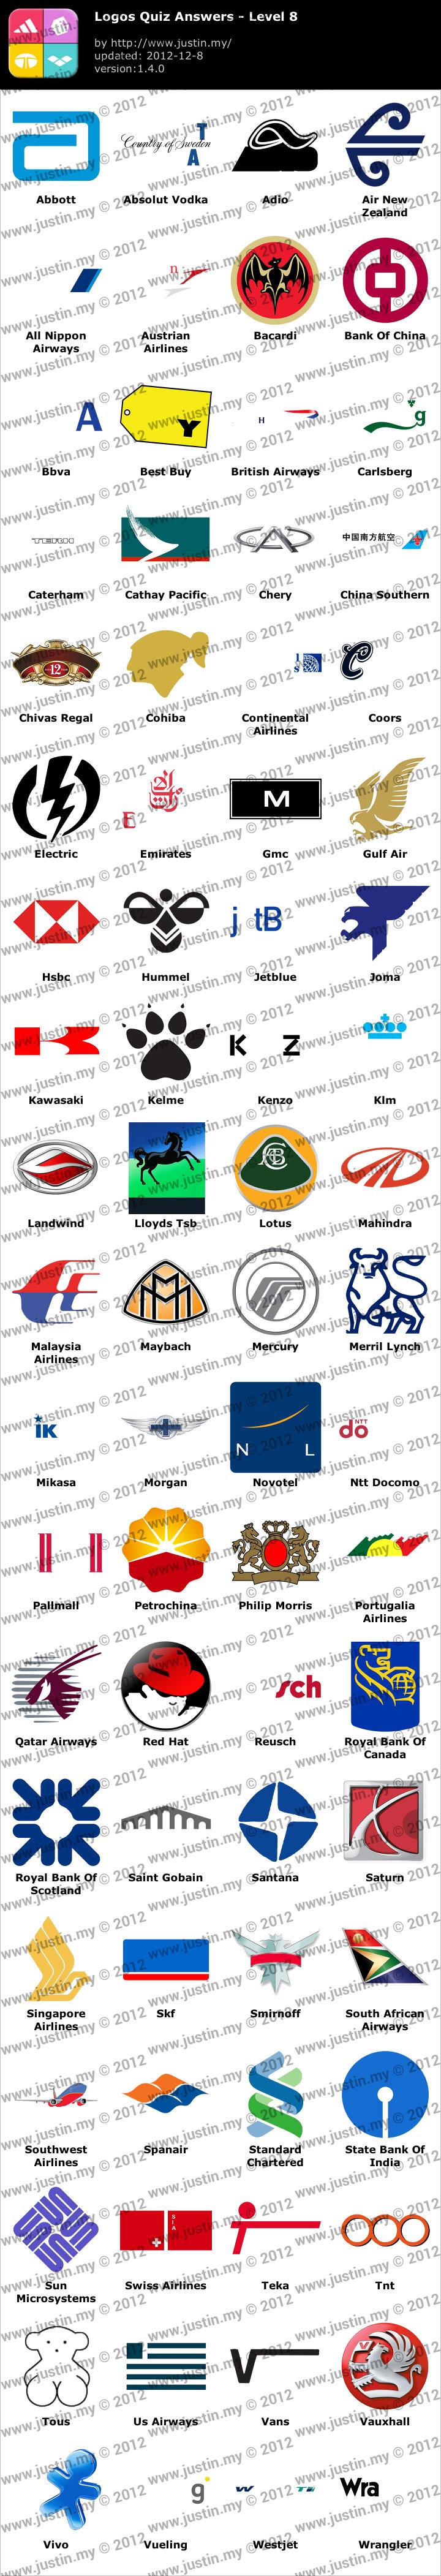 Logos Quiz Level 8